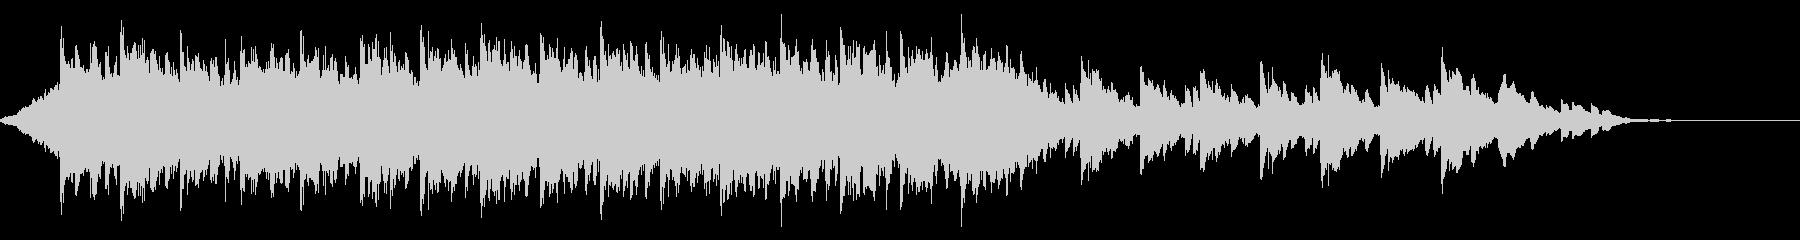 ウェディング<60秒CM>落ち着いた映像の未再生の波形